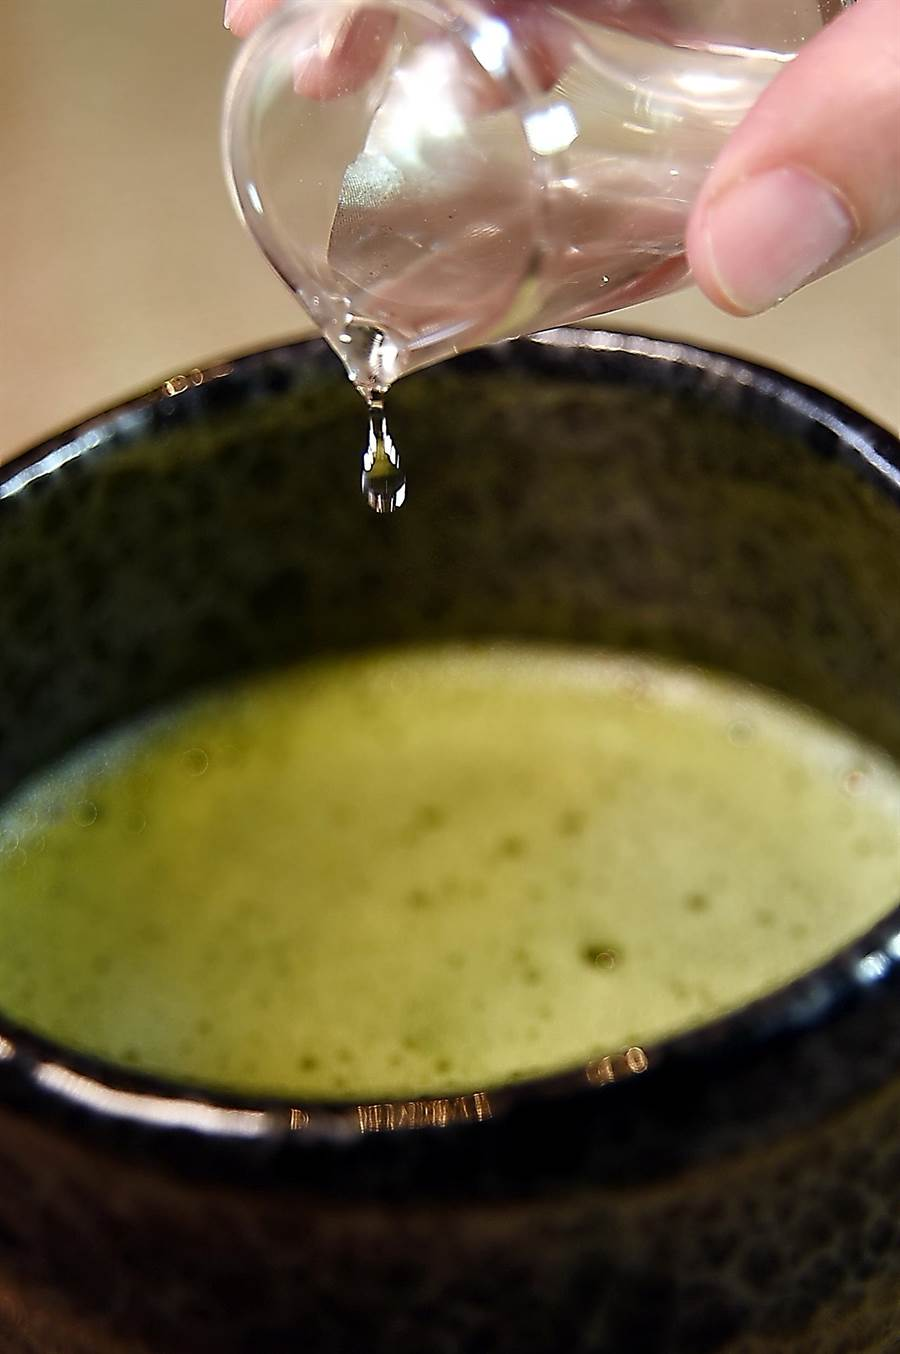 〈星乃珈琲店〉可以喝得到道地日本〈抹茶〉和〈抹茶拿鐵〉,怕有些人怕抹茶太澀,還準備了糖漿供客人自己調配。(圖/姚舜)